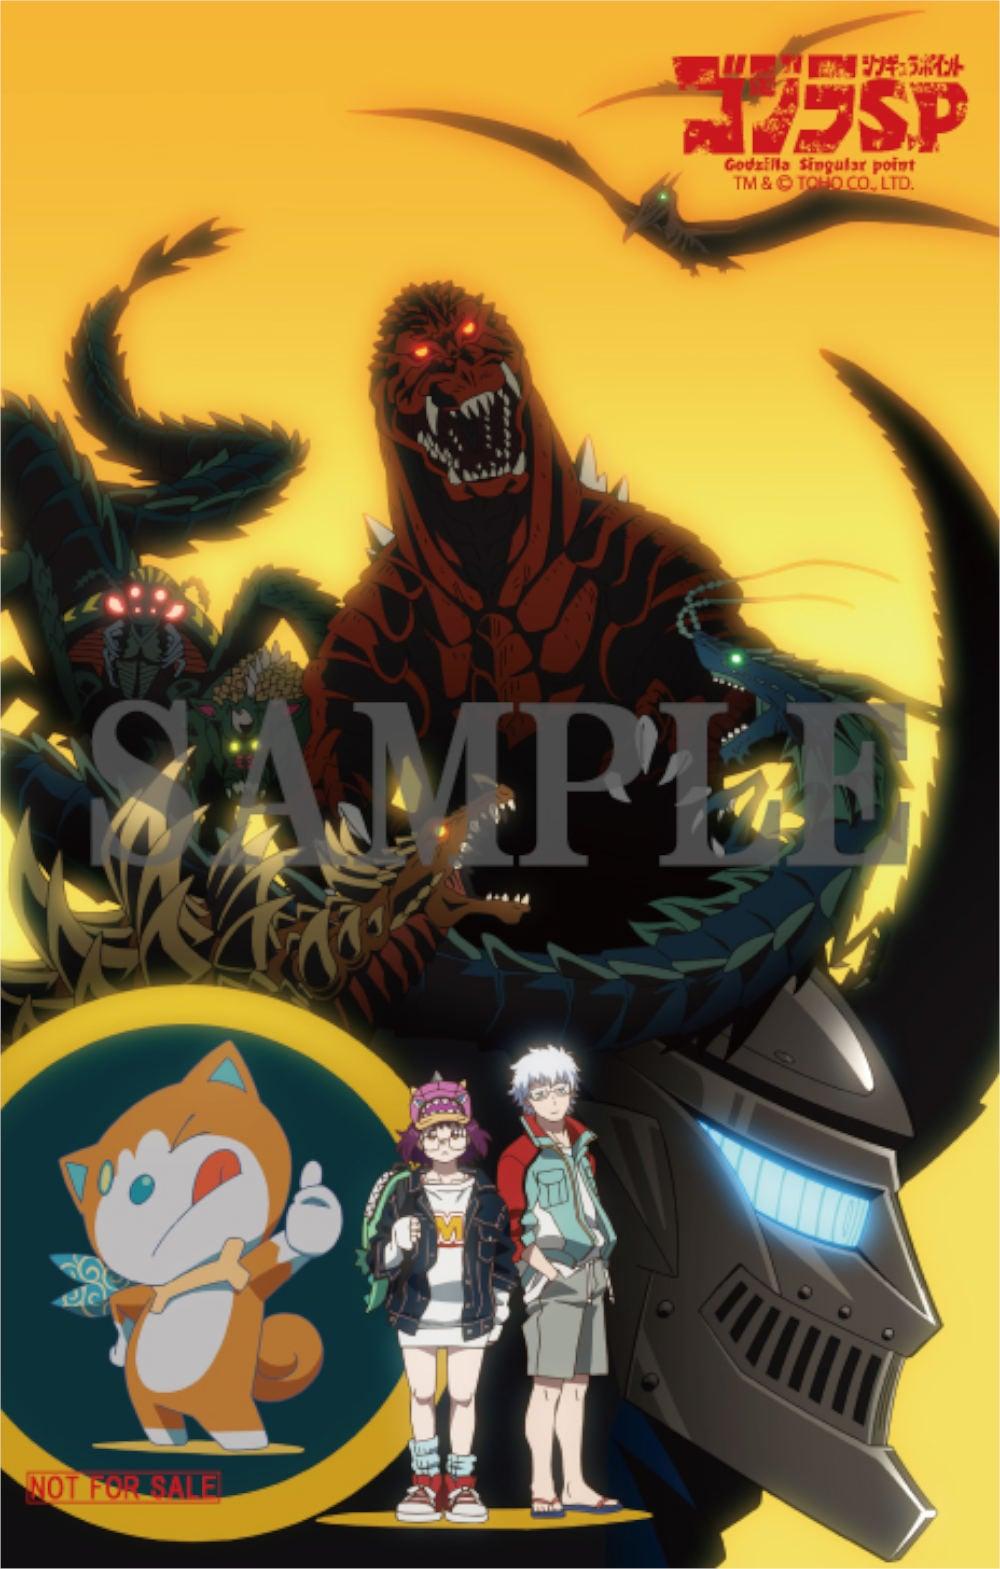 ゴジラ S.P <シンギュラポイント> Vol.2 DVD 初回生産限定版